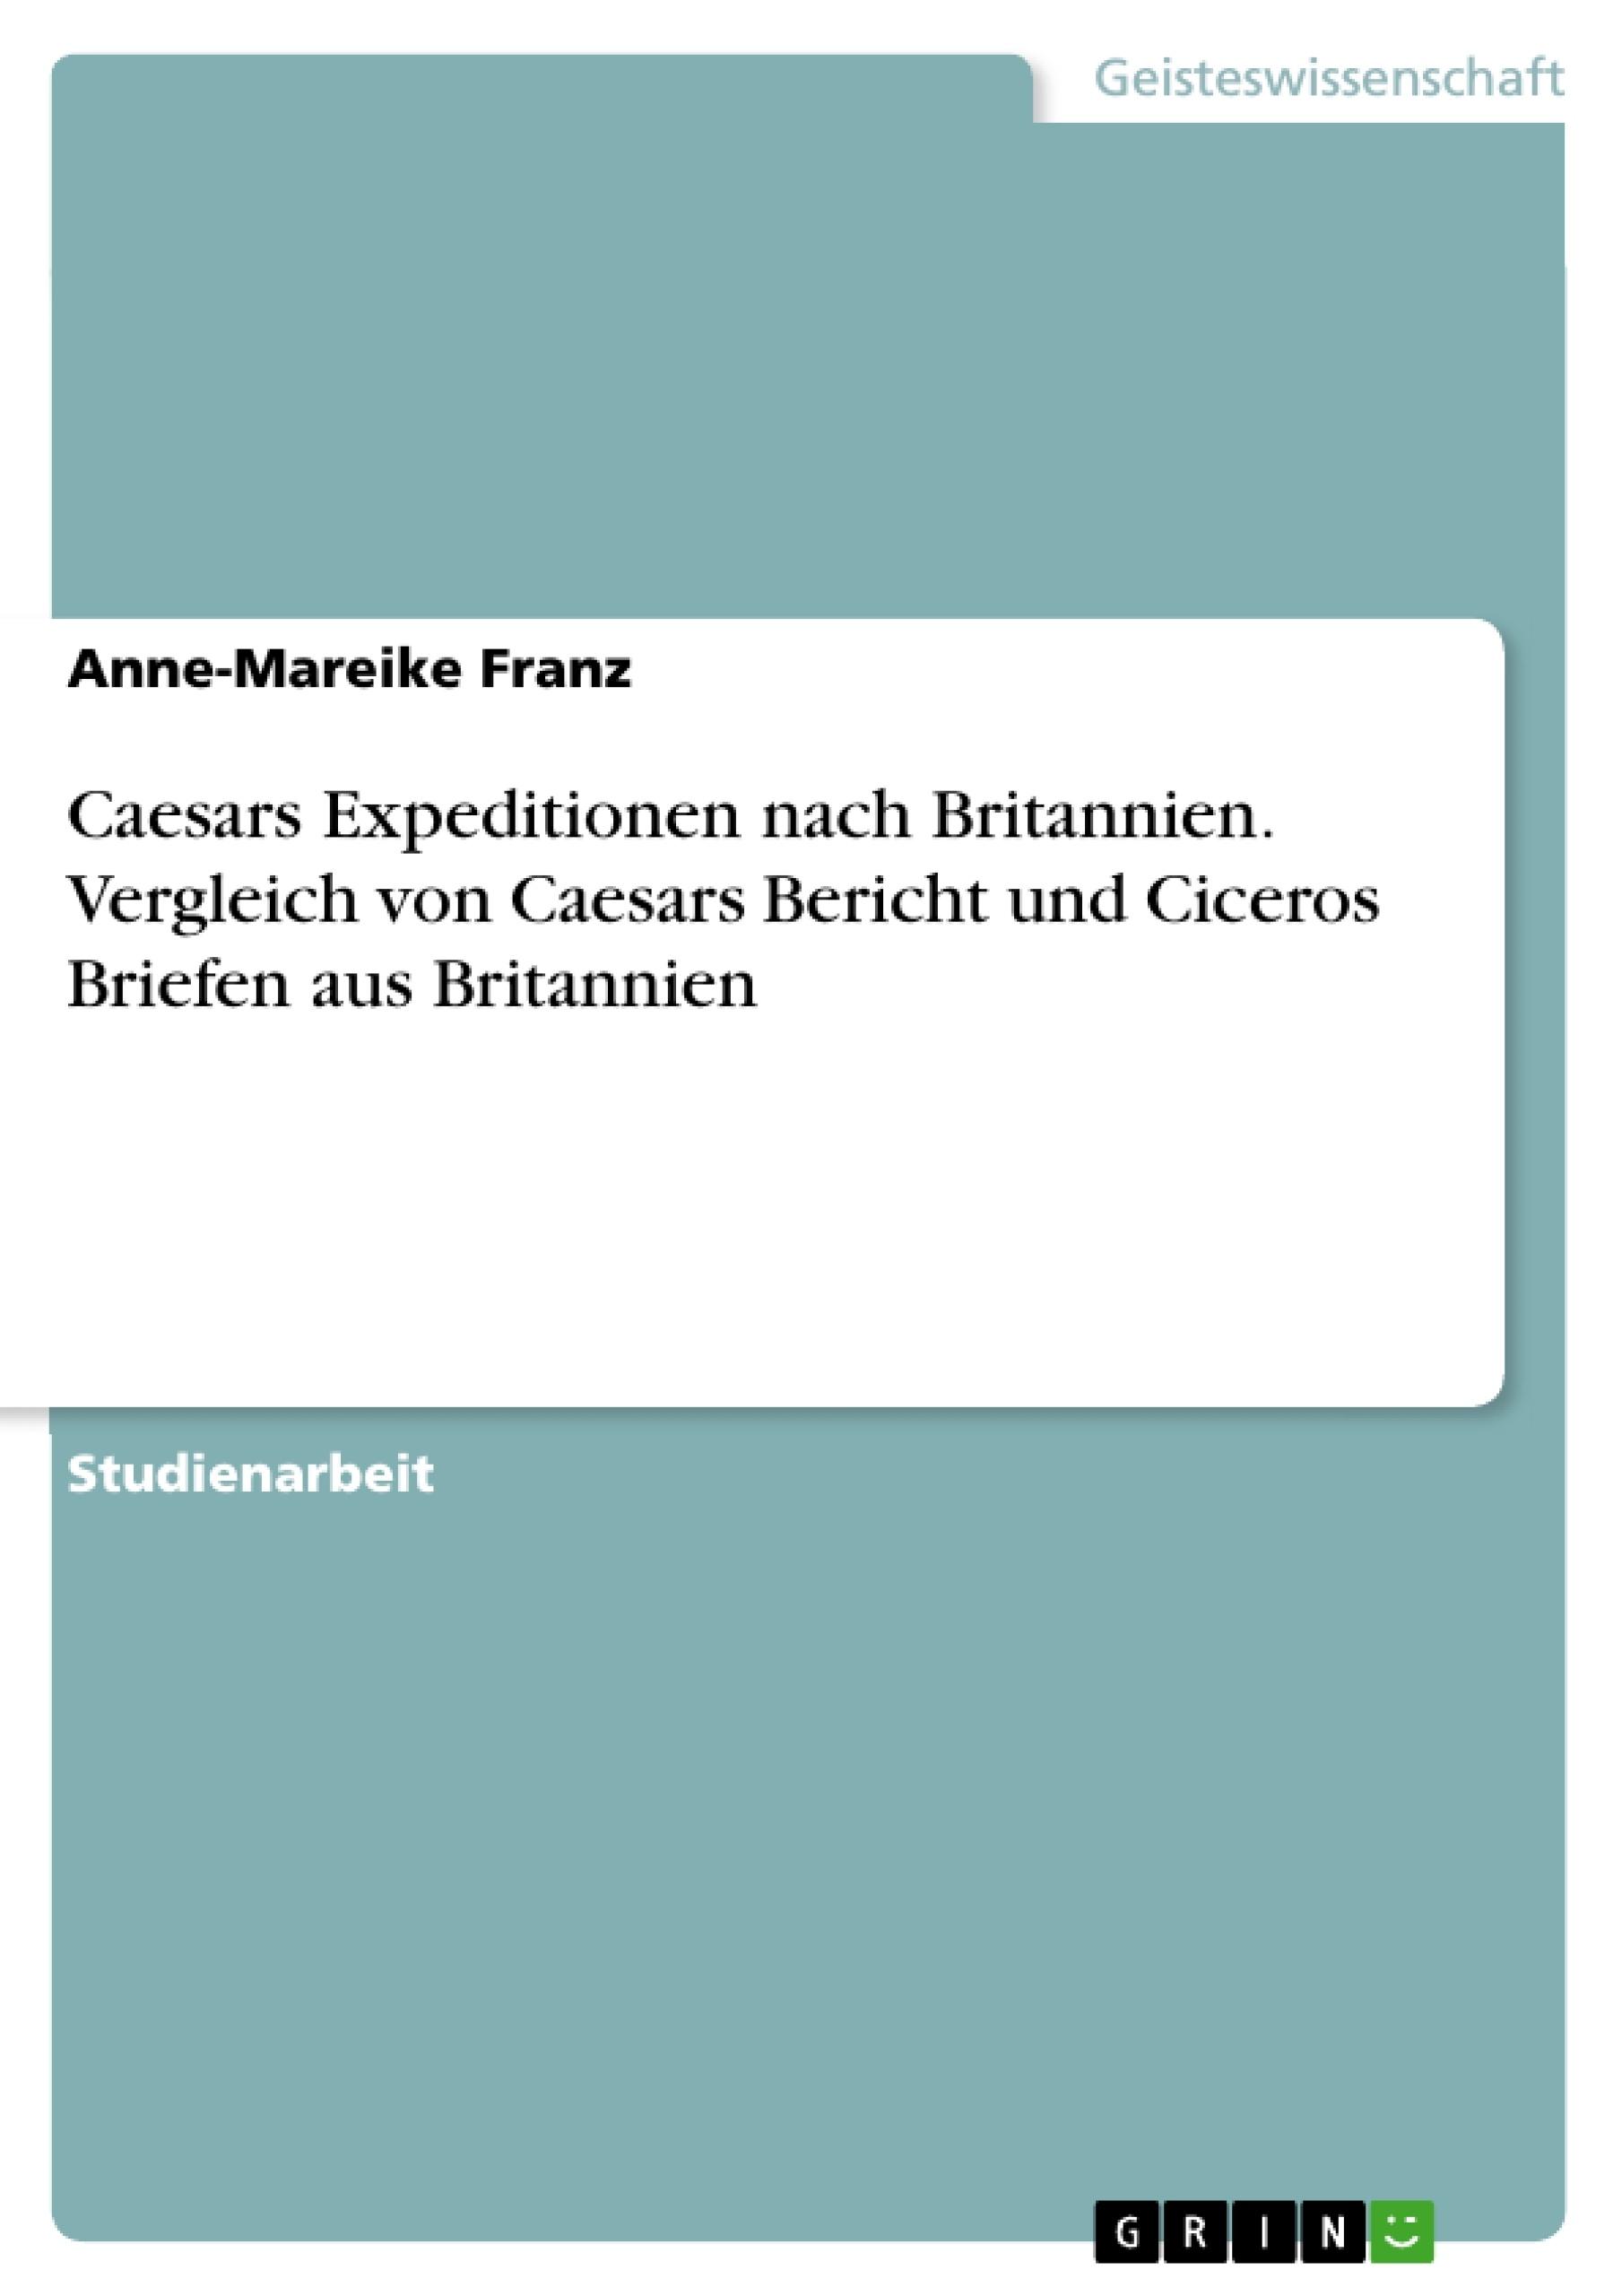 Titel: Caesars Expeditionen nach Britannien. Vergleich  von Caesars Bericht und Ciceros Briefen aus Britannien